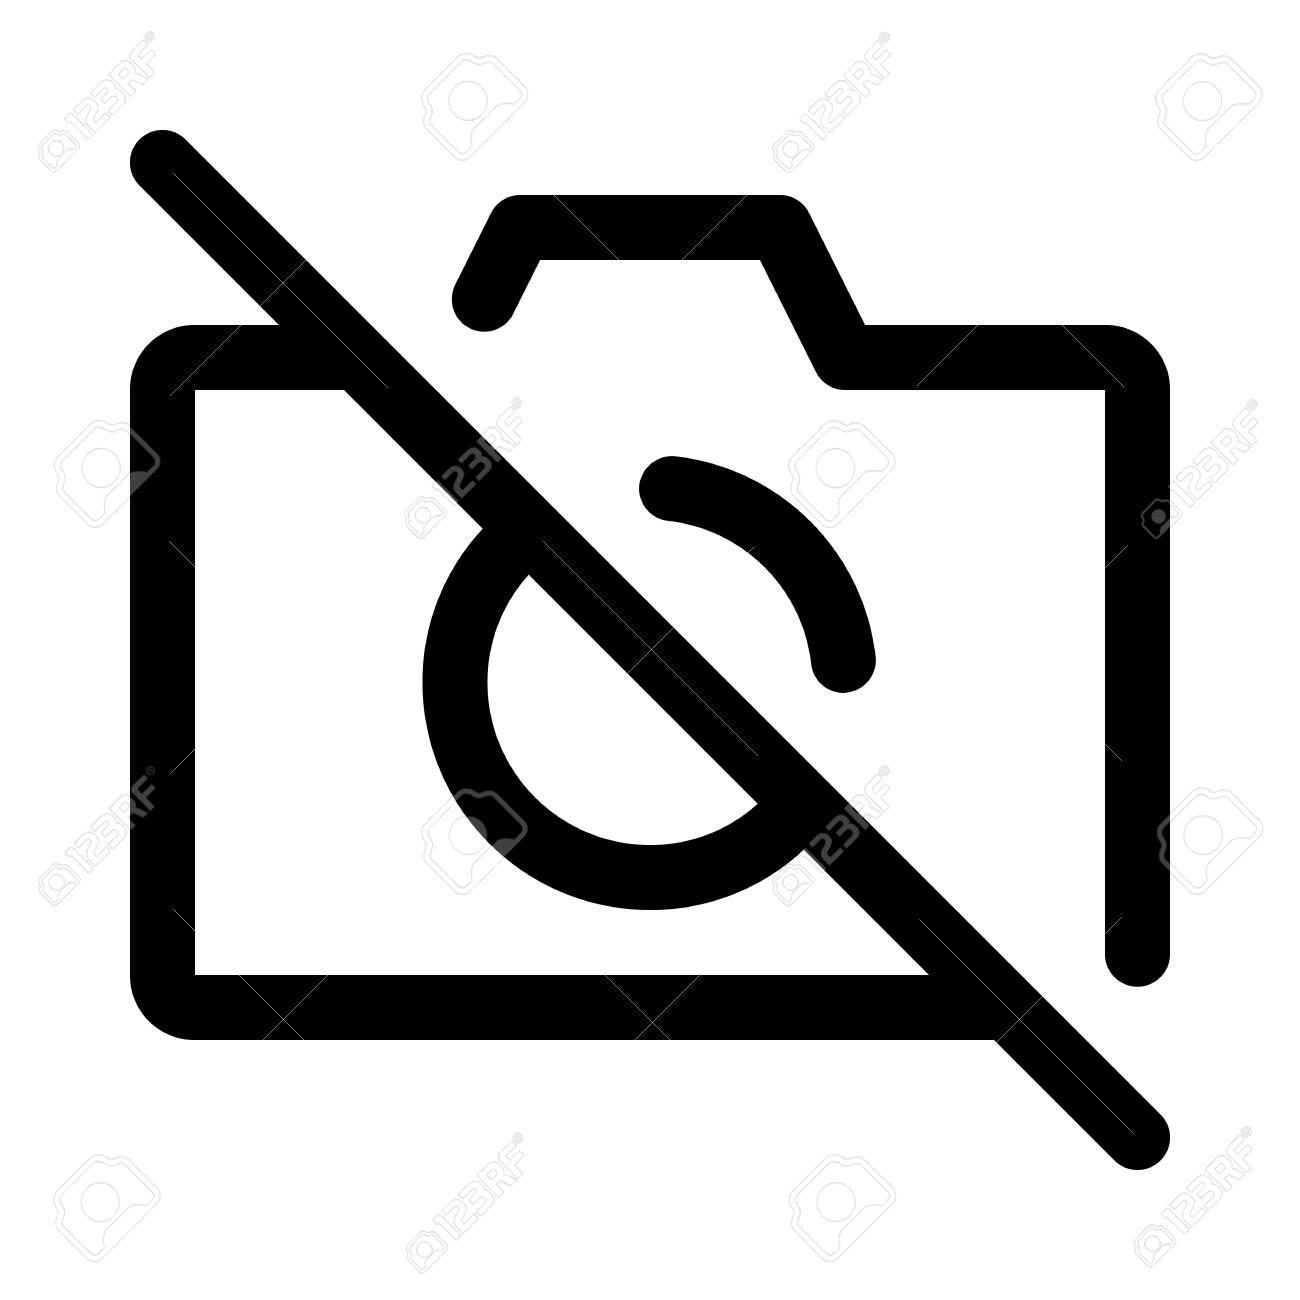 EPS Illustration - No photos, no cameras, no flash ico. Vector Clipart  gg71940452 - GoGraph